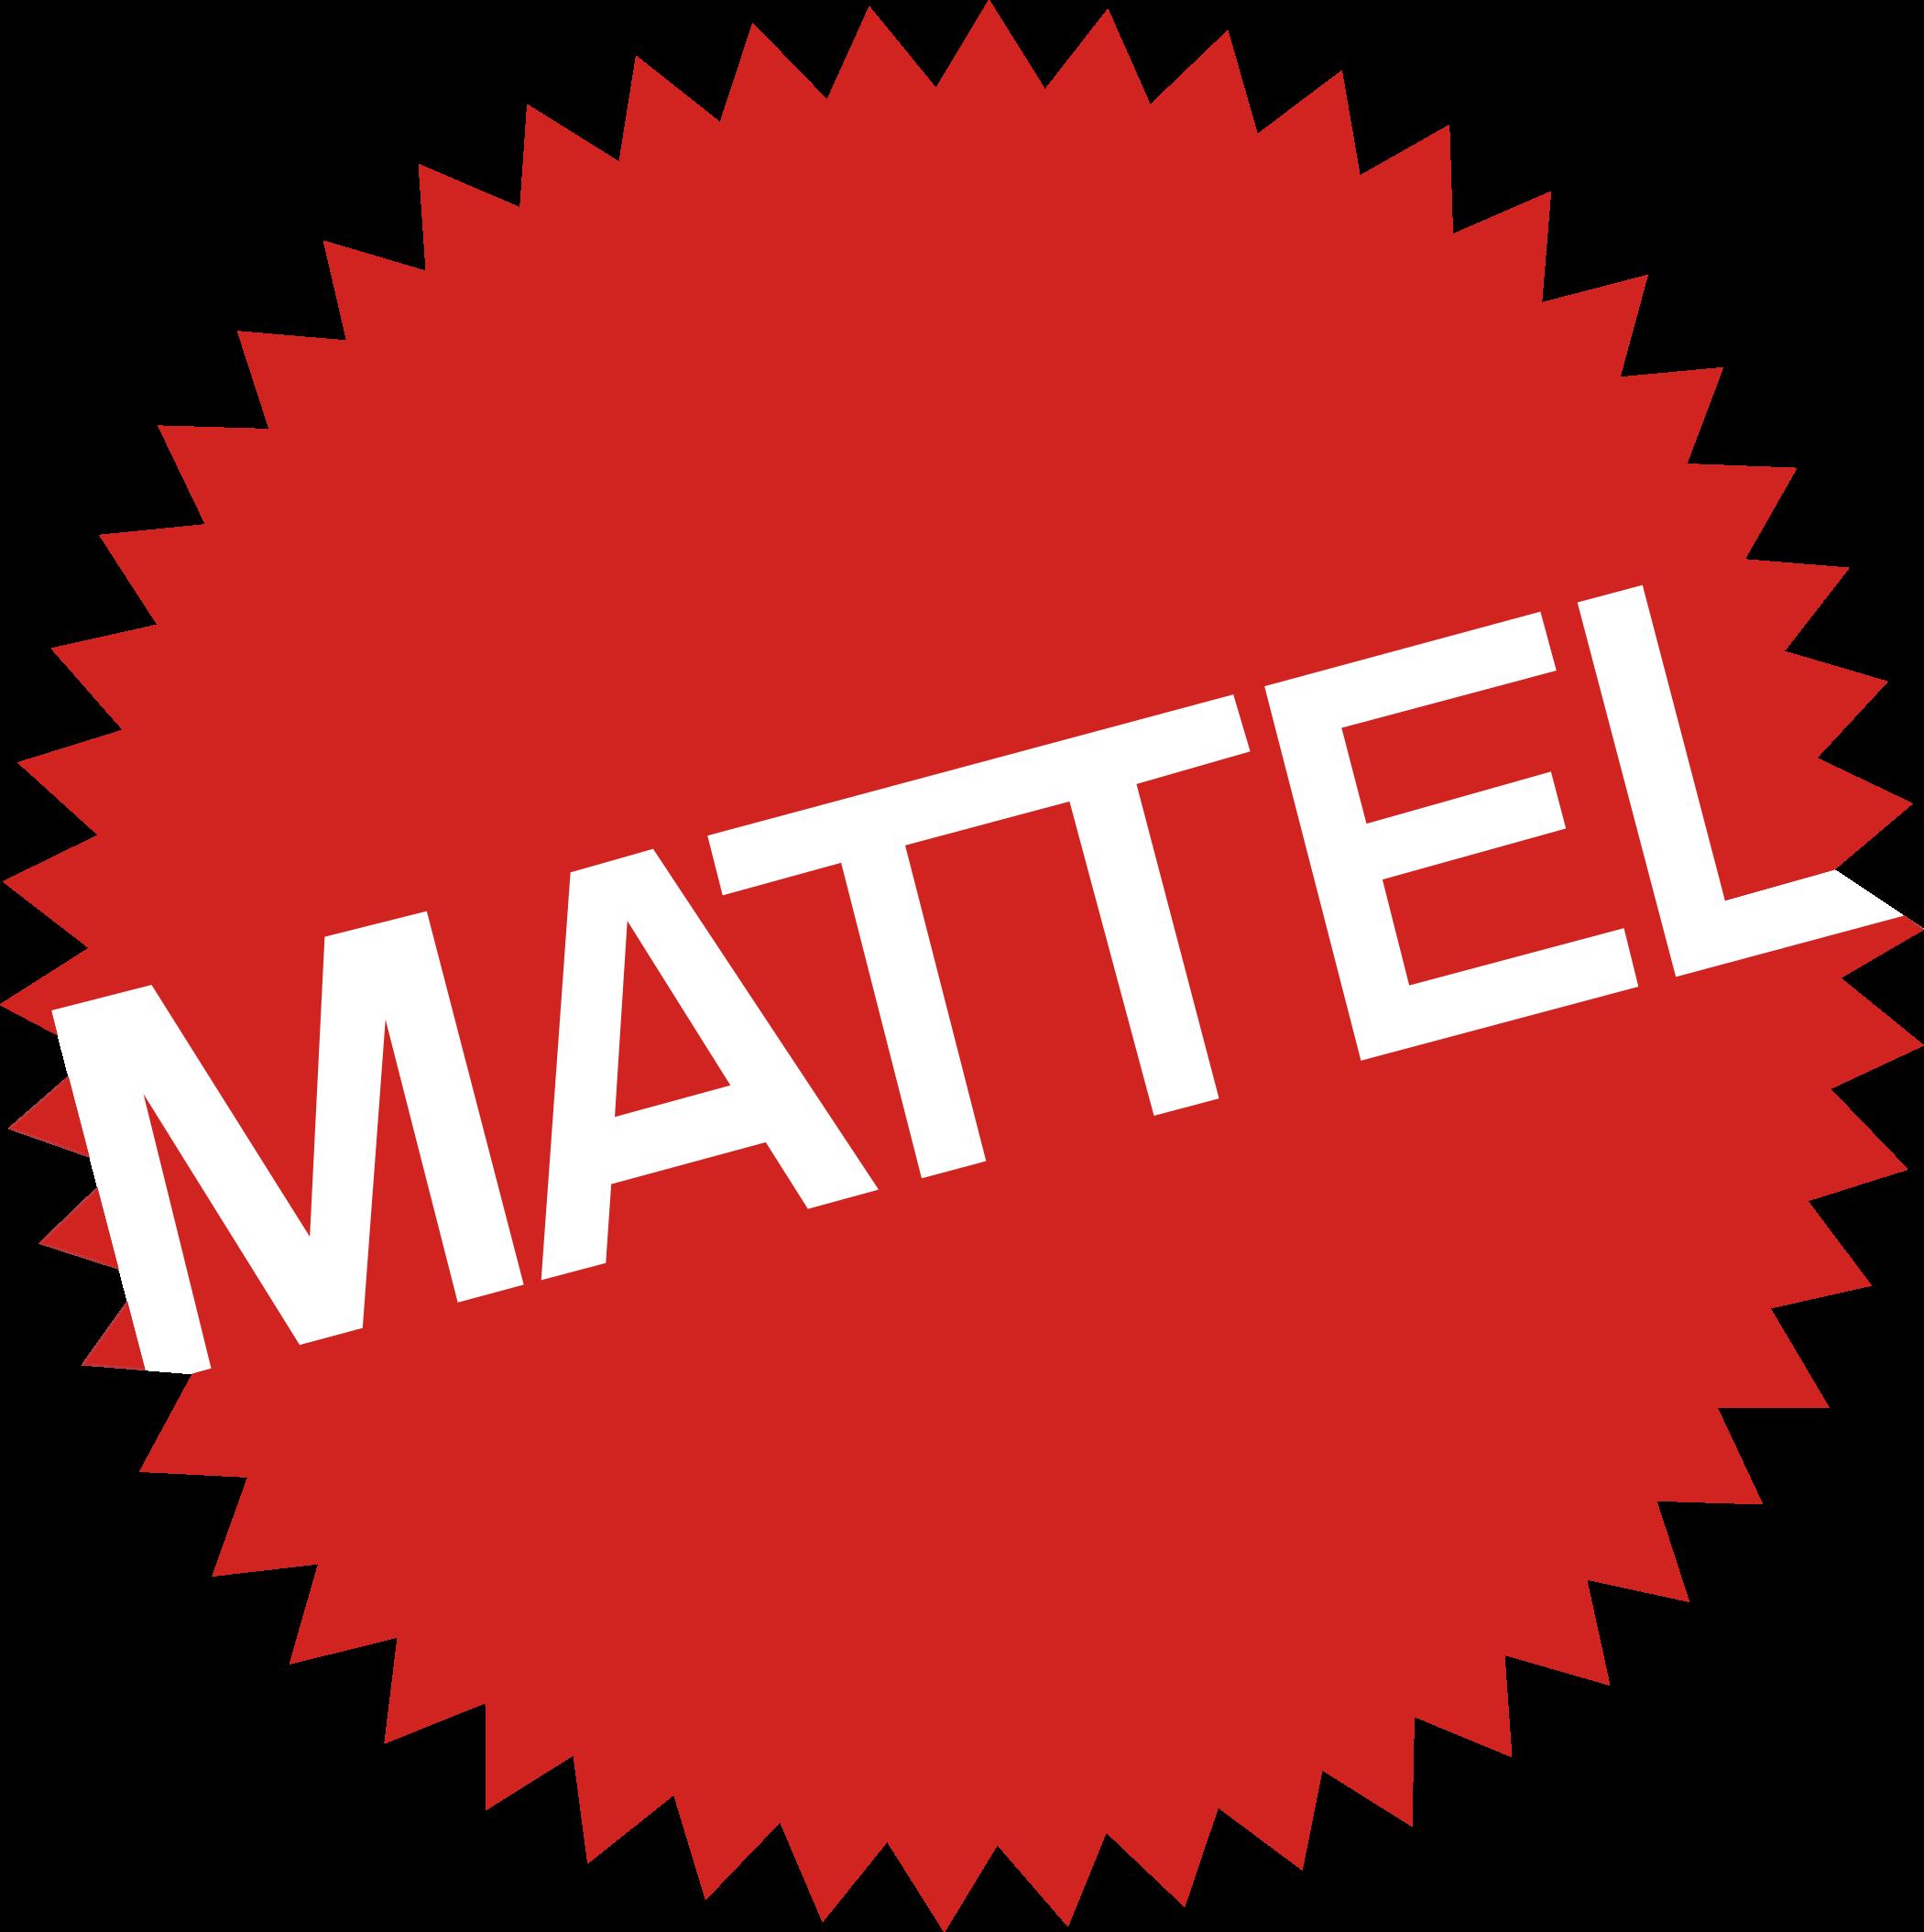 Matttel logo.